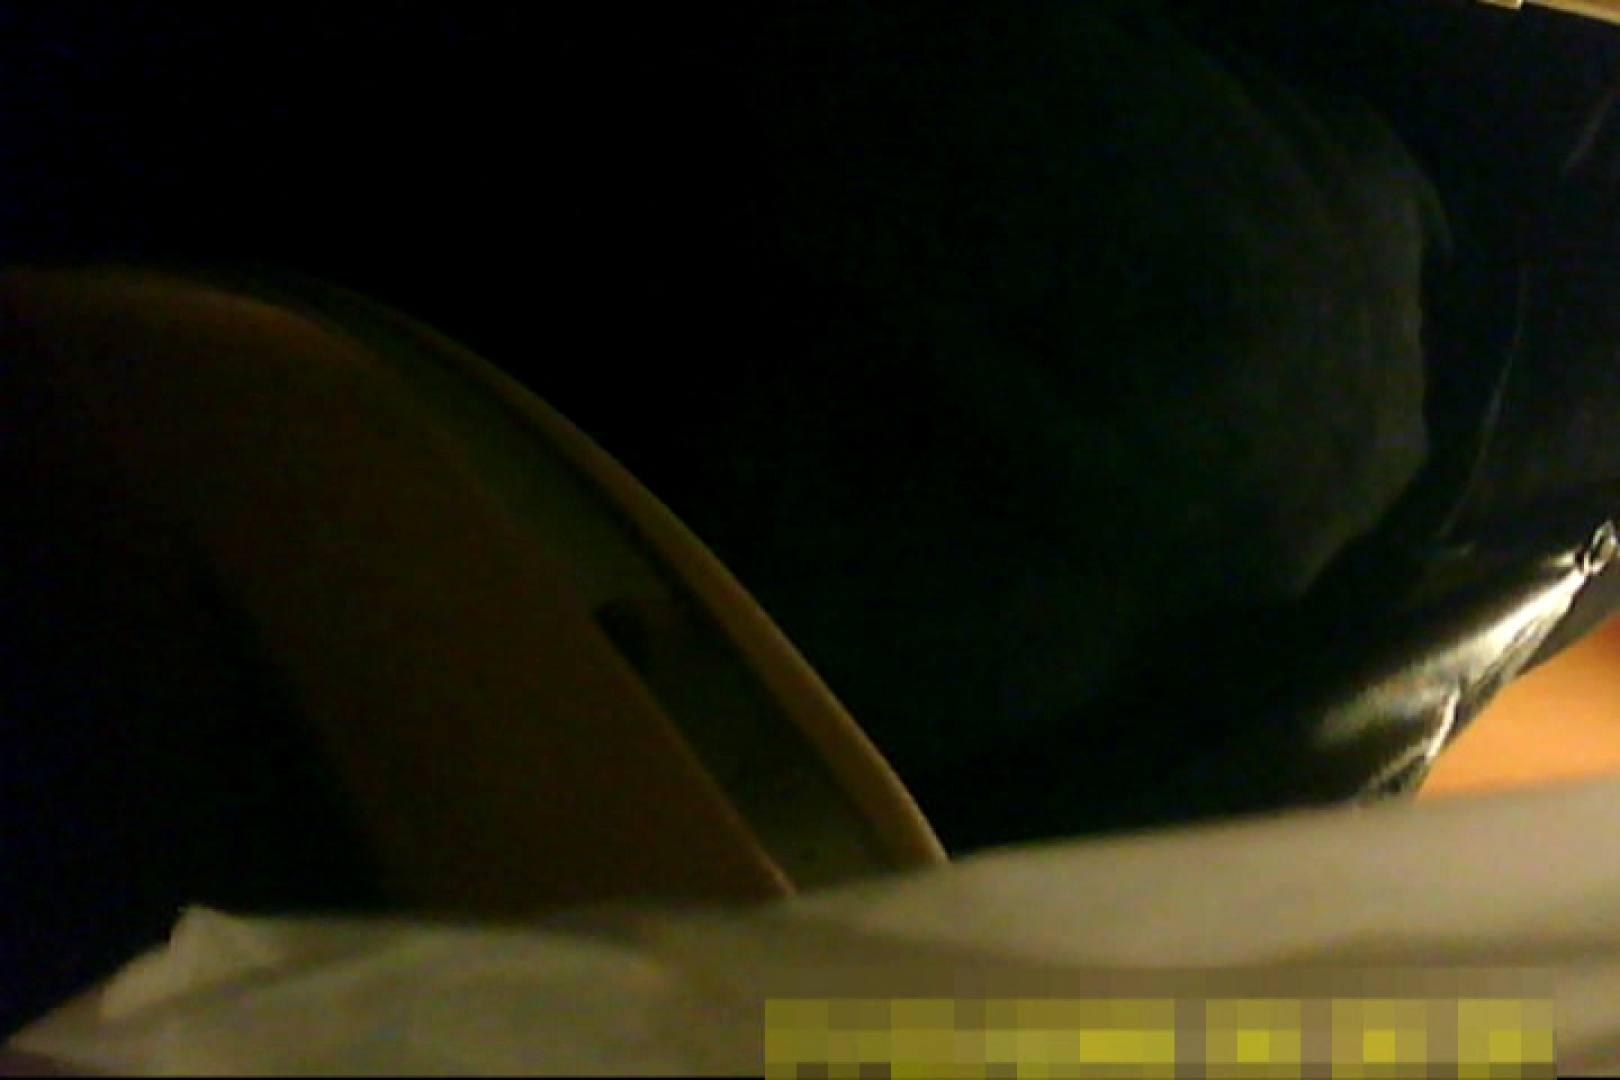 魅惑の化粧室~禁断のプライベート空間~vol.8 熟女 覗きおまんこ画像 89画像 10